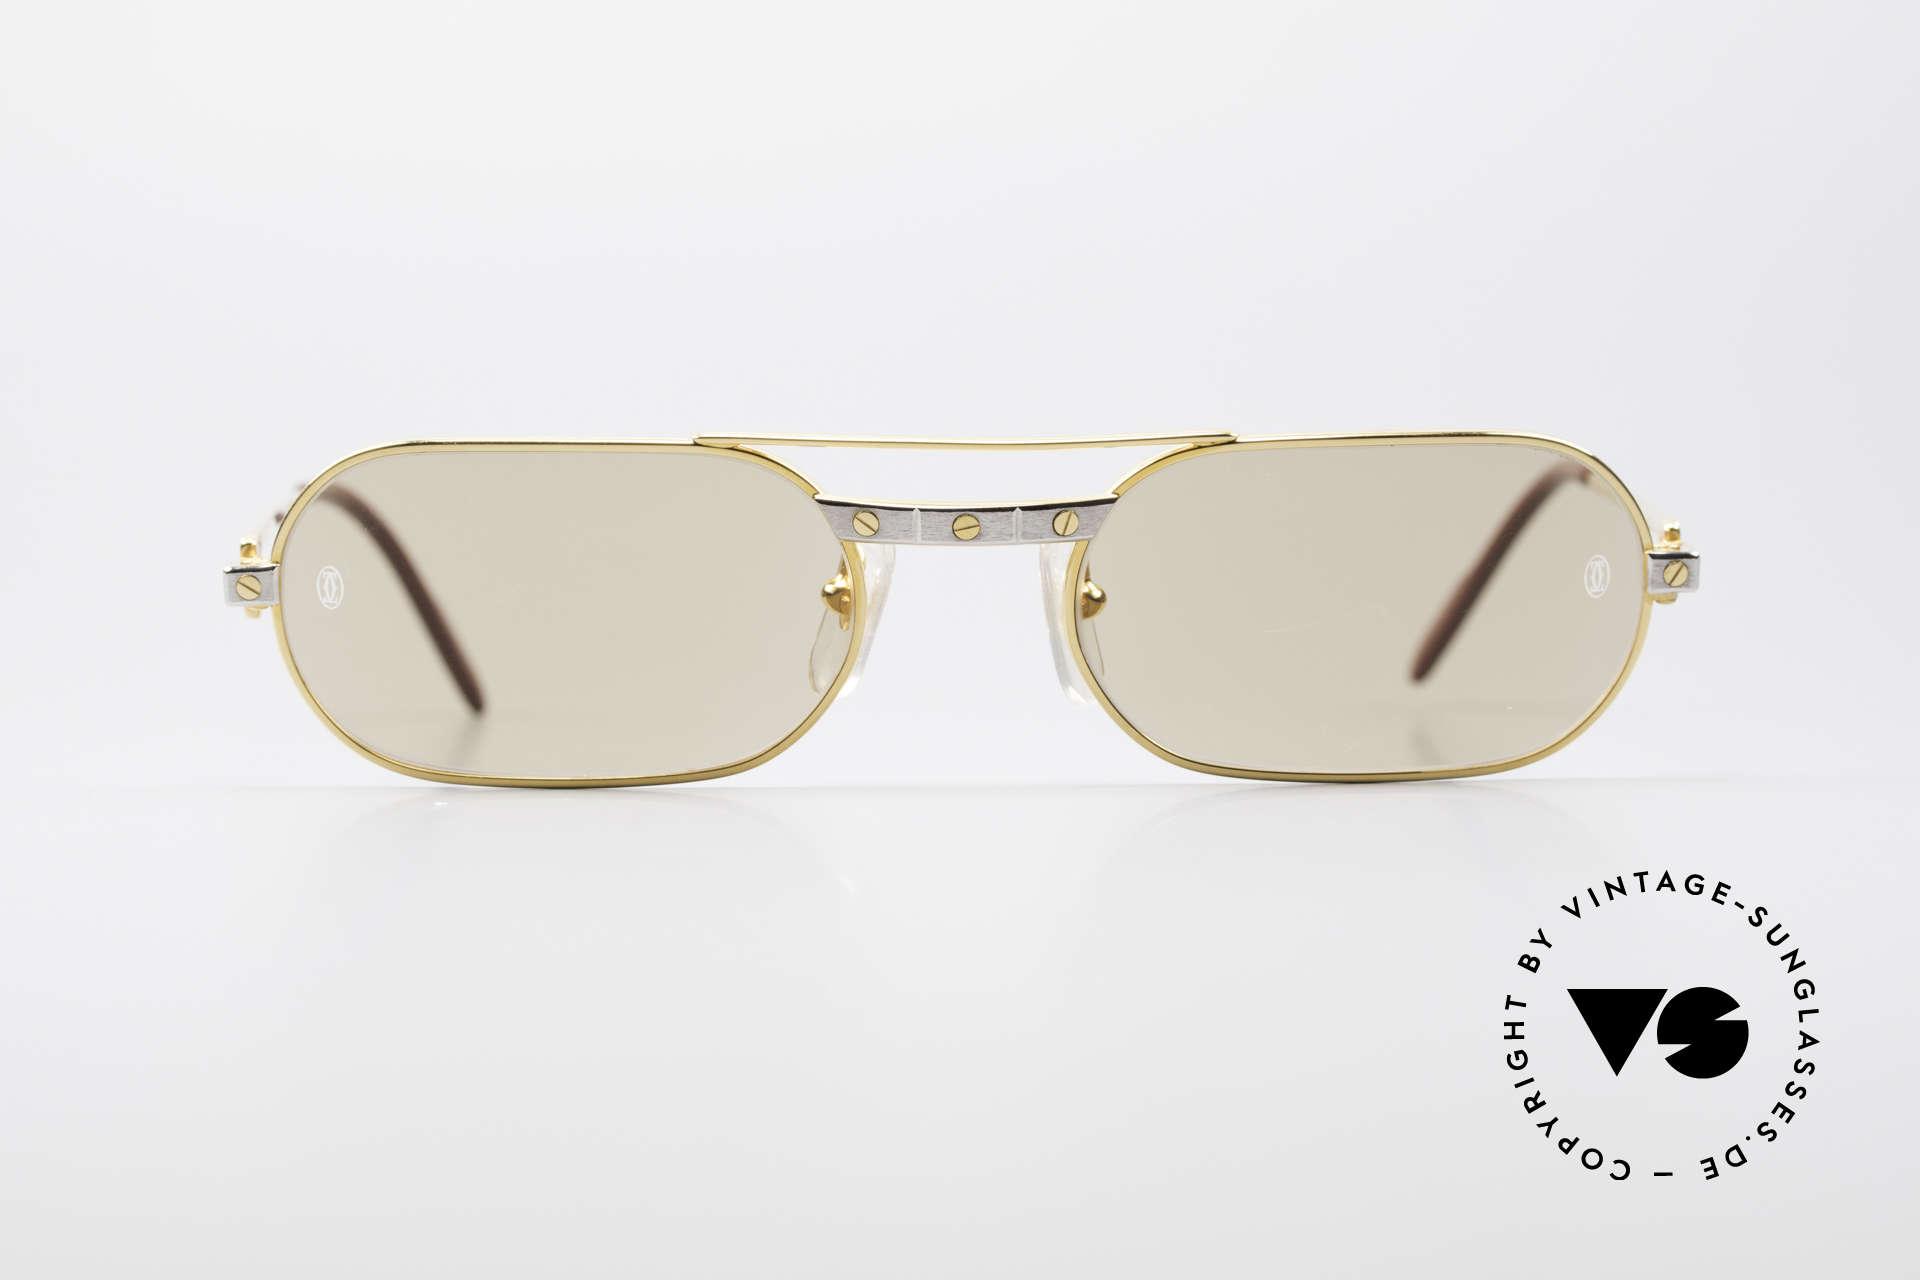 7938917c2c1 Cartier sunglasses Santos Dumont 61 16 T820081 48802 glasses Cartier  limited edition Source · Sunglasses Cartier MUST Santos M Elton John Shades  Vintage